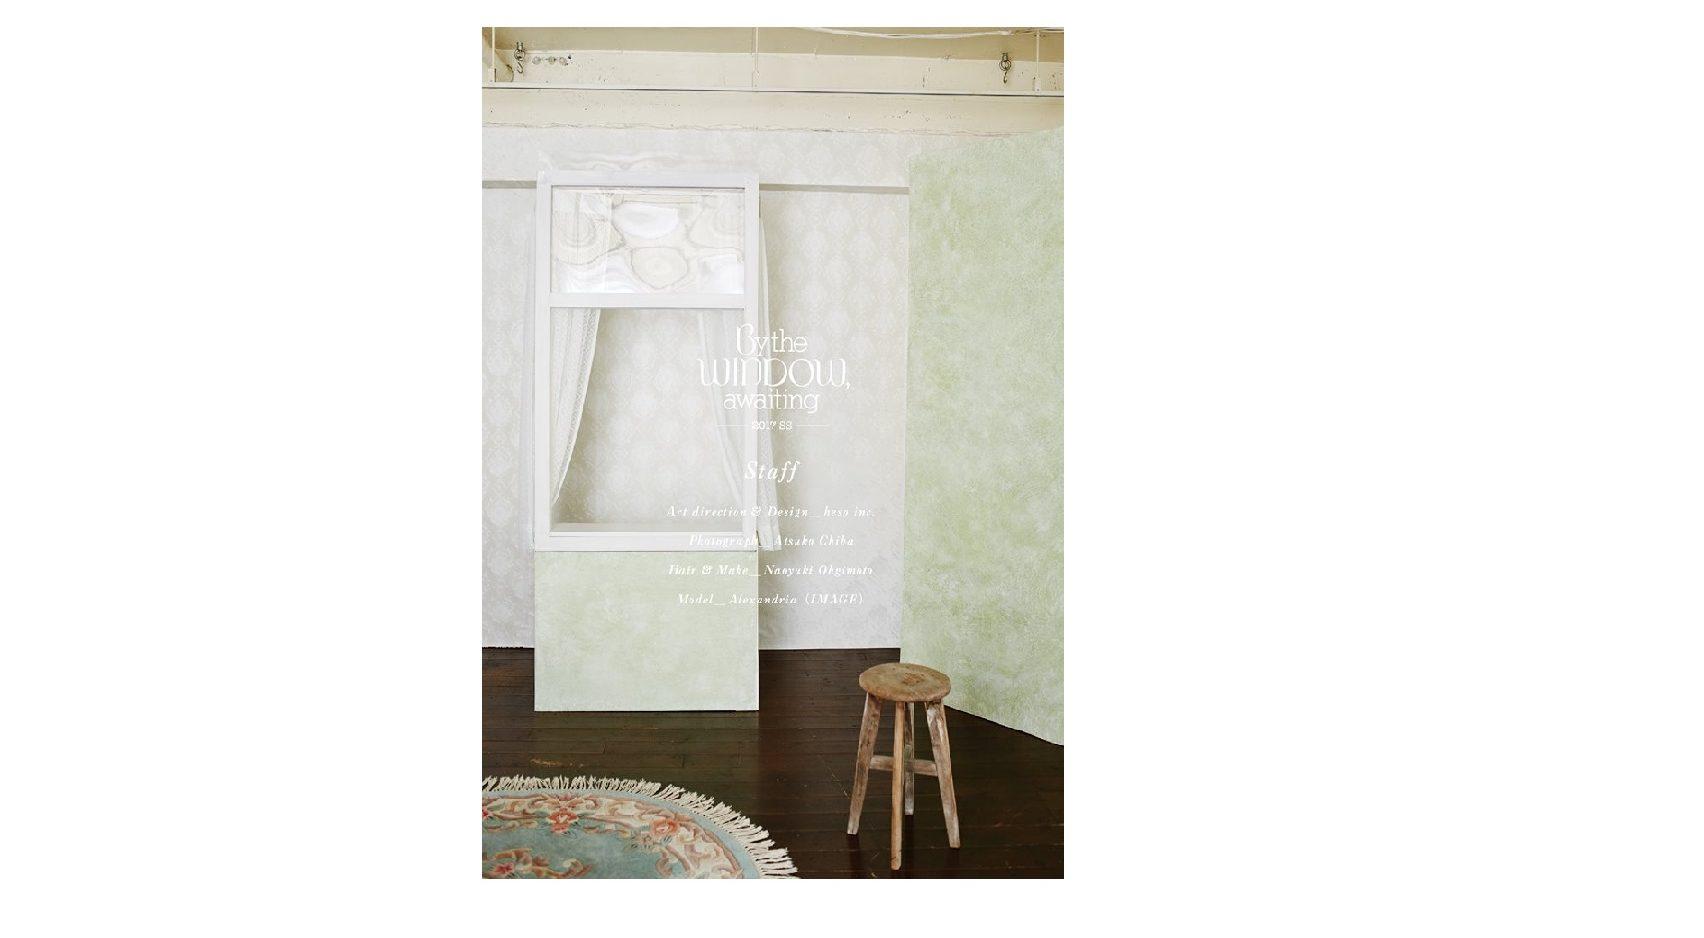 写真: アパレルブランドルックブックでの採用実例【atelier du savon (アトリエドゥサボン)】